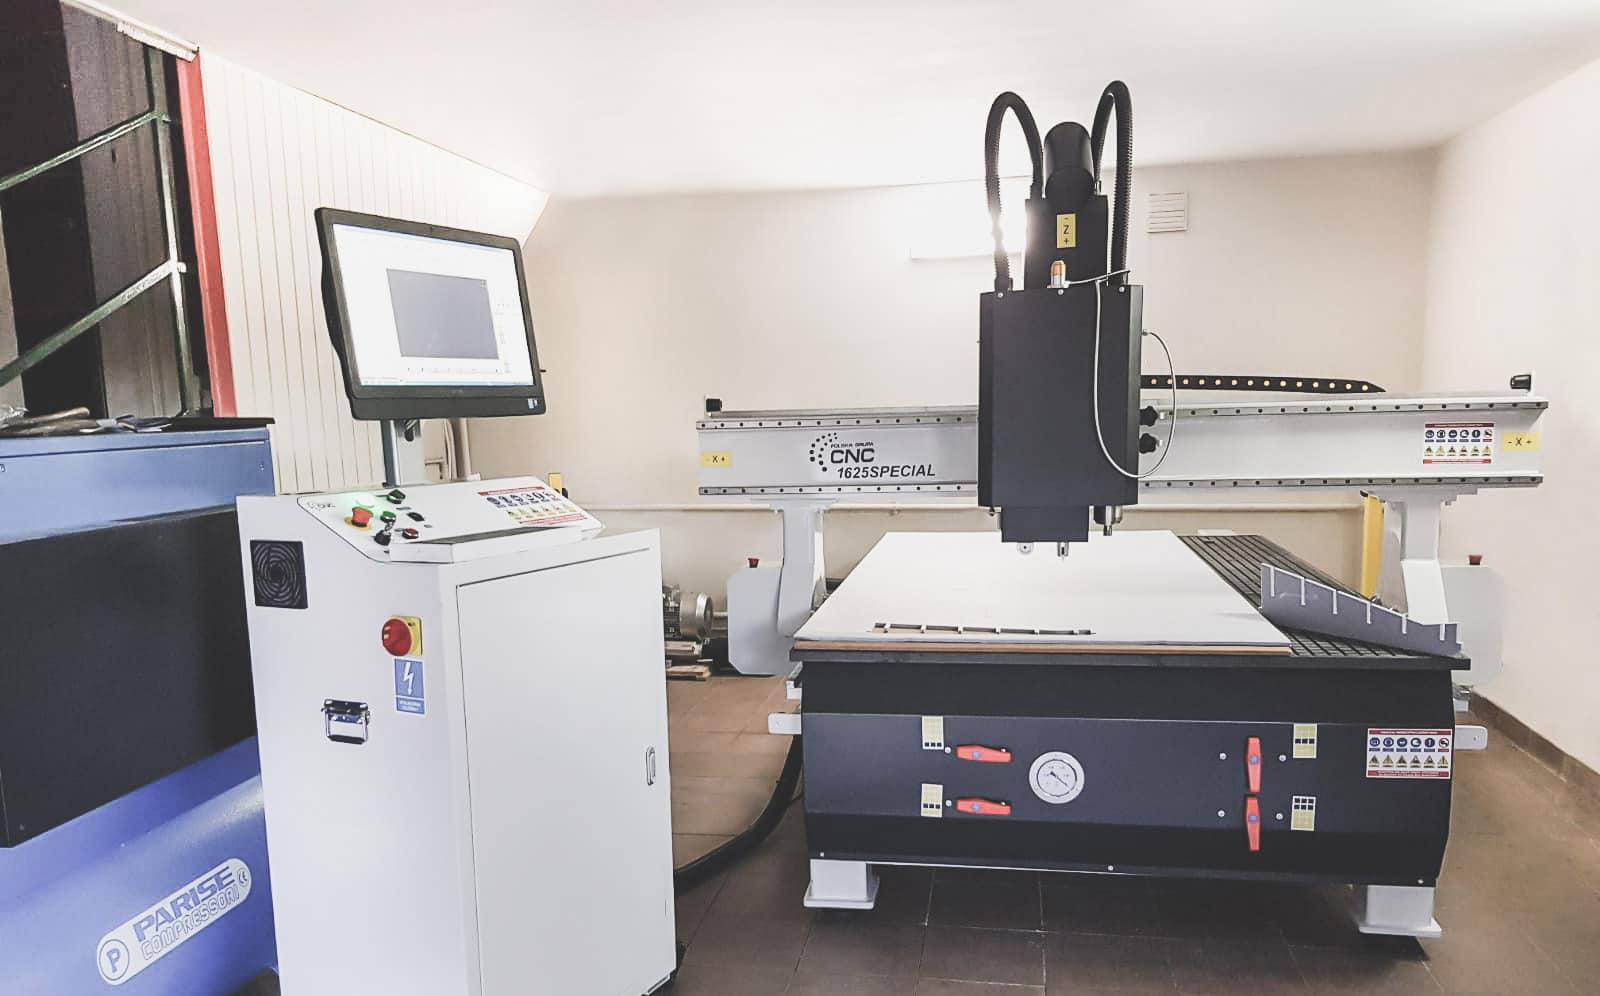 Pracownia Architected Sound z maszyną CNC